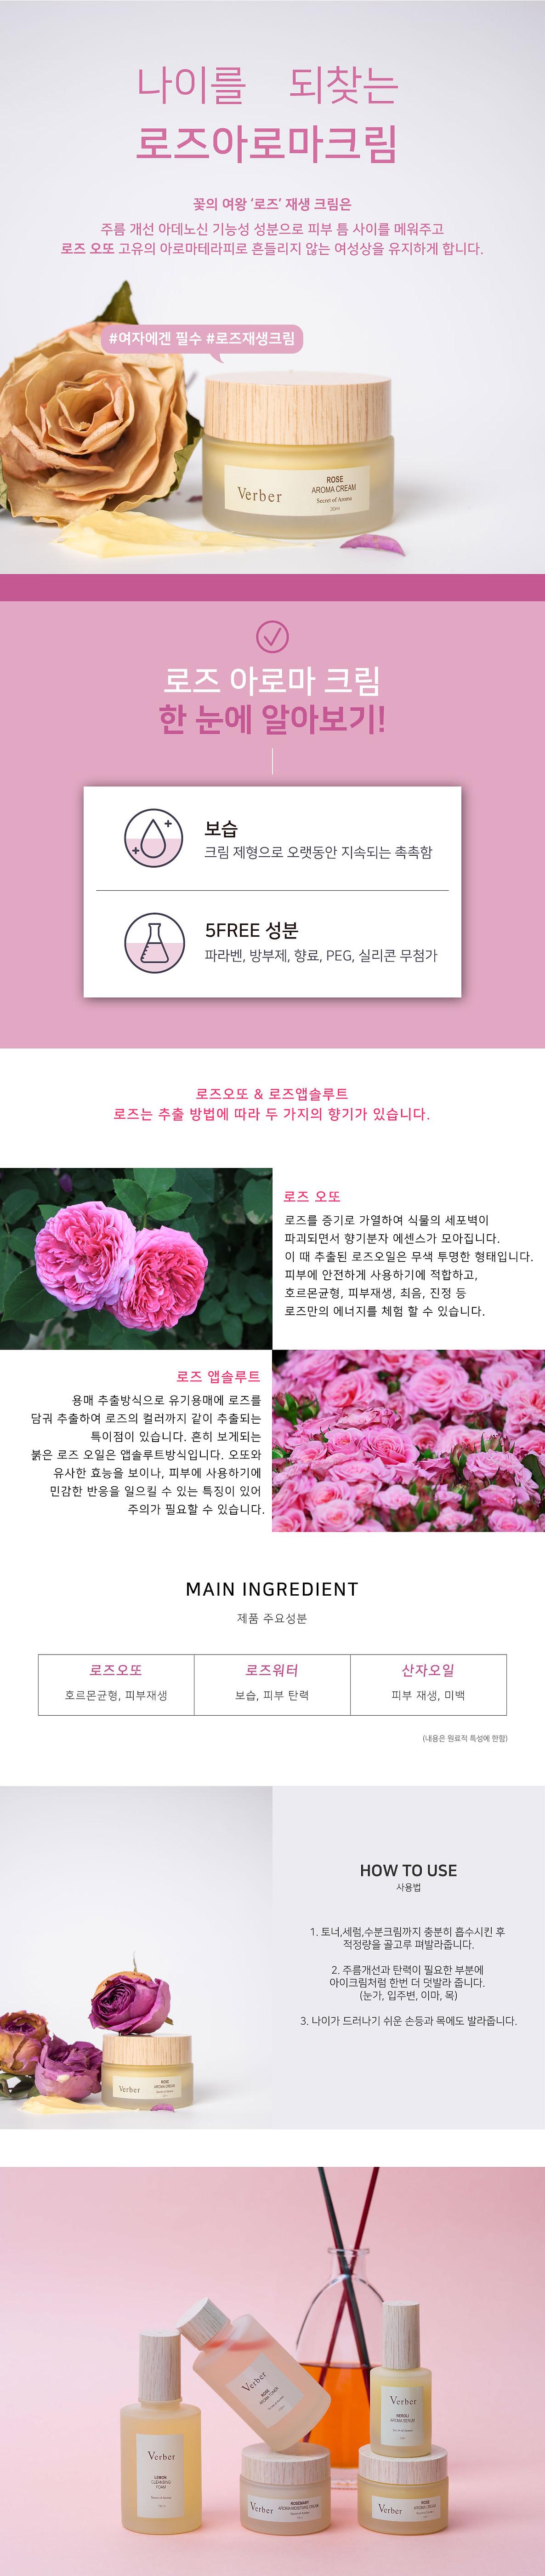 로즈아로마크림-상세페이지-용량수정.jpg